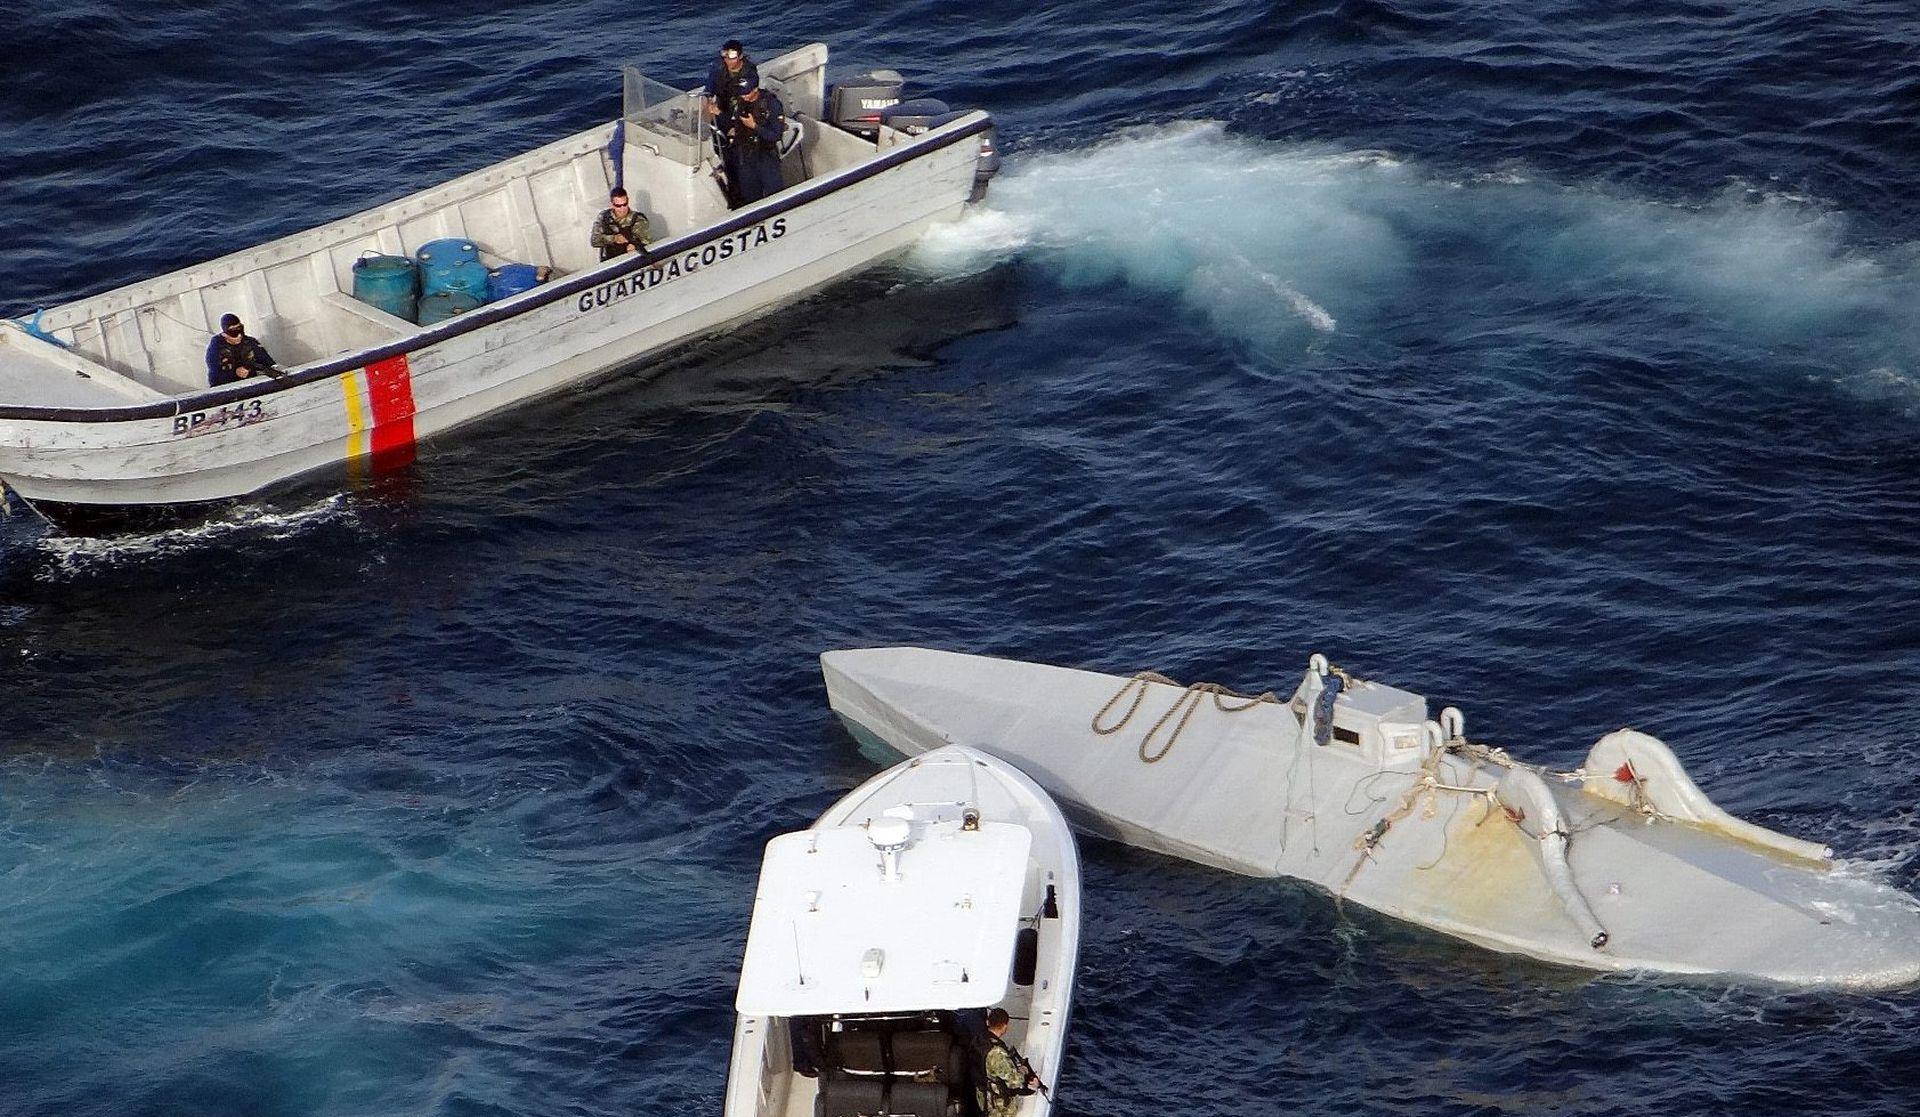 Šest tona kokaina zaplijenjeno u mini-podmornici između Kolumbije i Ekvadora